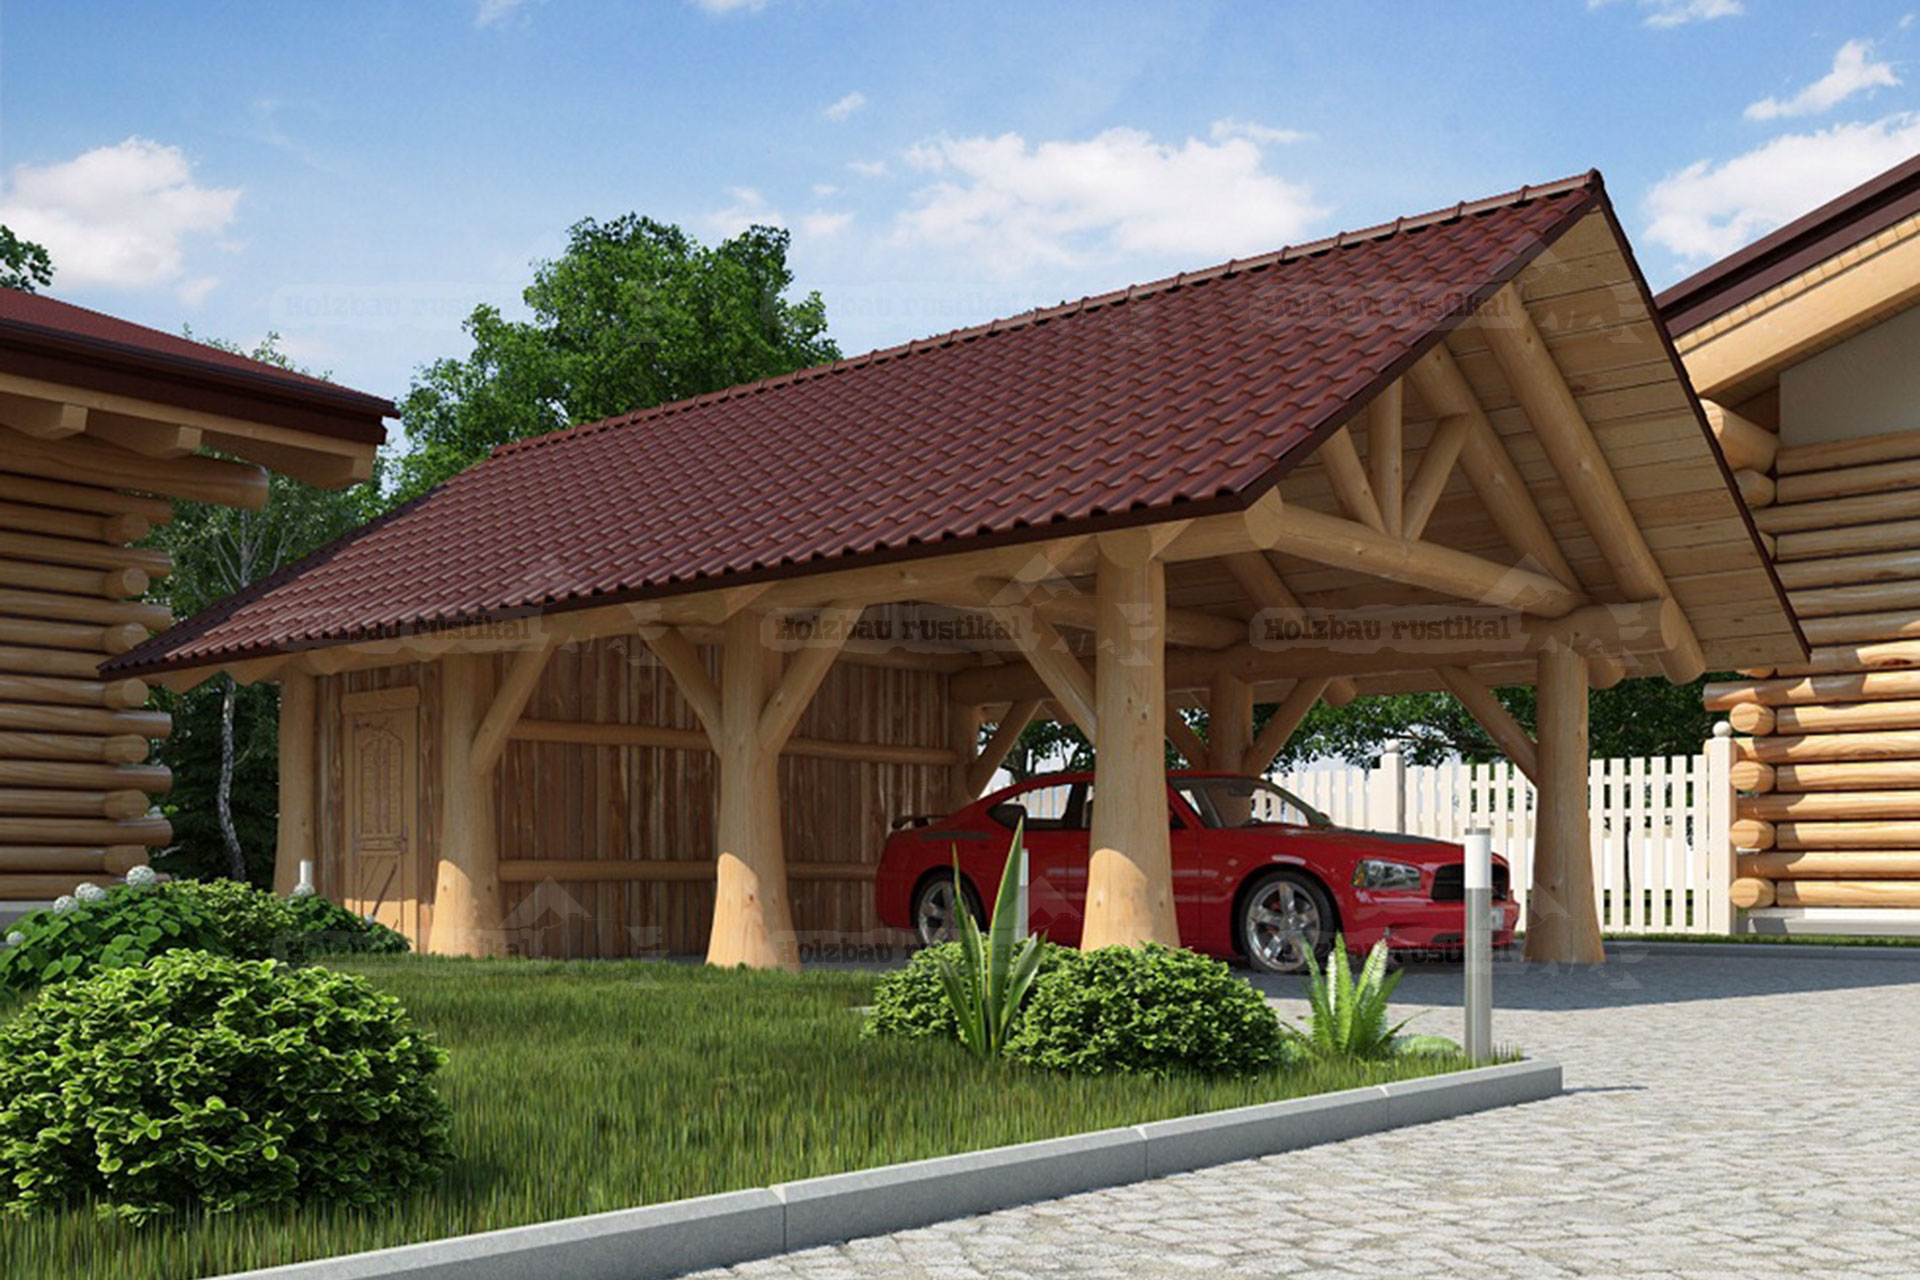 animiertes Computer Bild vom Naturstamm Carport mit Spitzdach